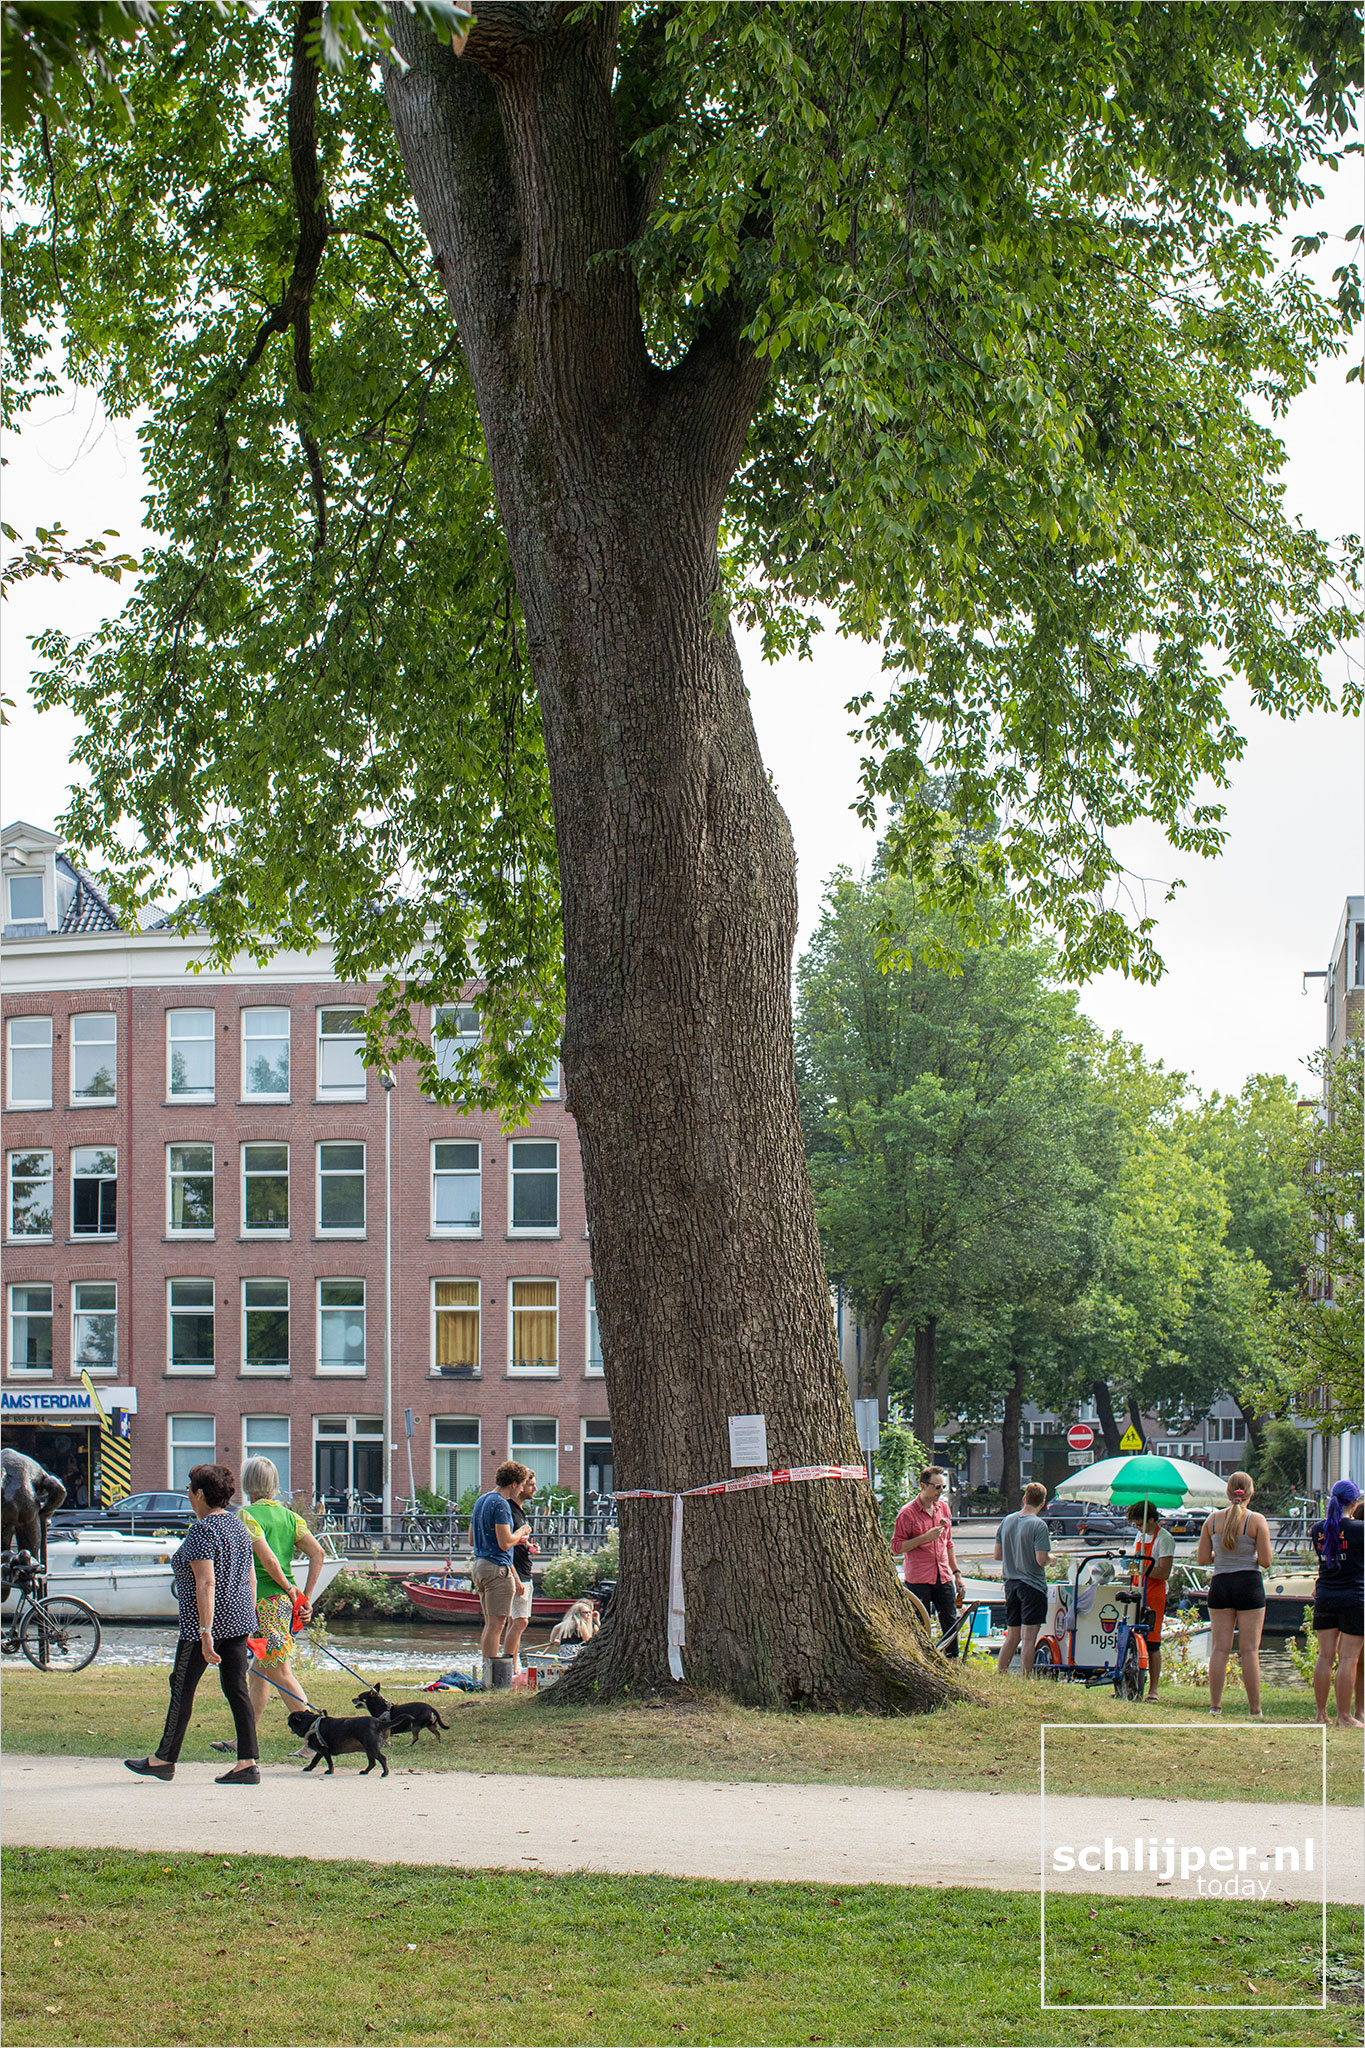 Nederland, Amsterdam, 15 augustus 2020